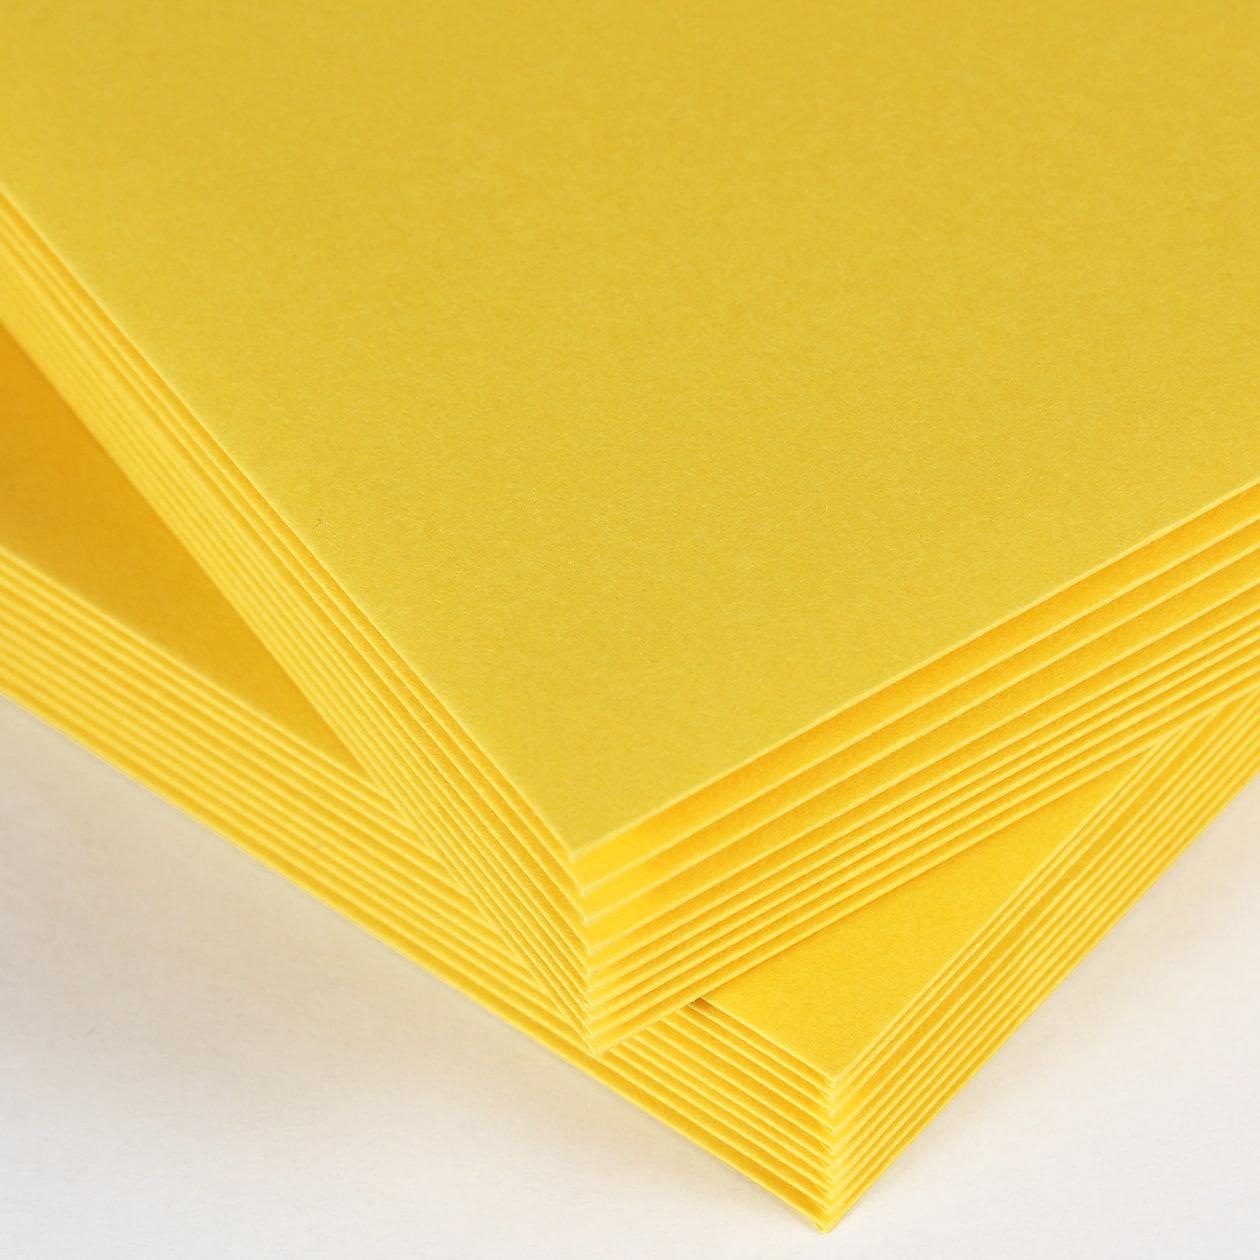 洋2カマス封筒 コットン(NTラシャ) 黄色 116.3g